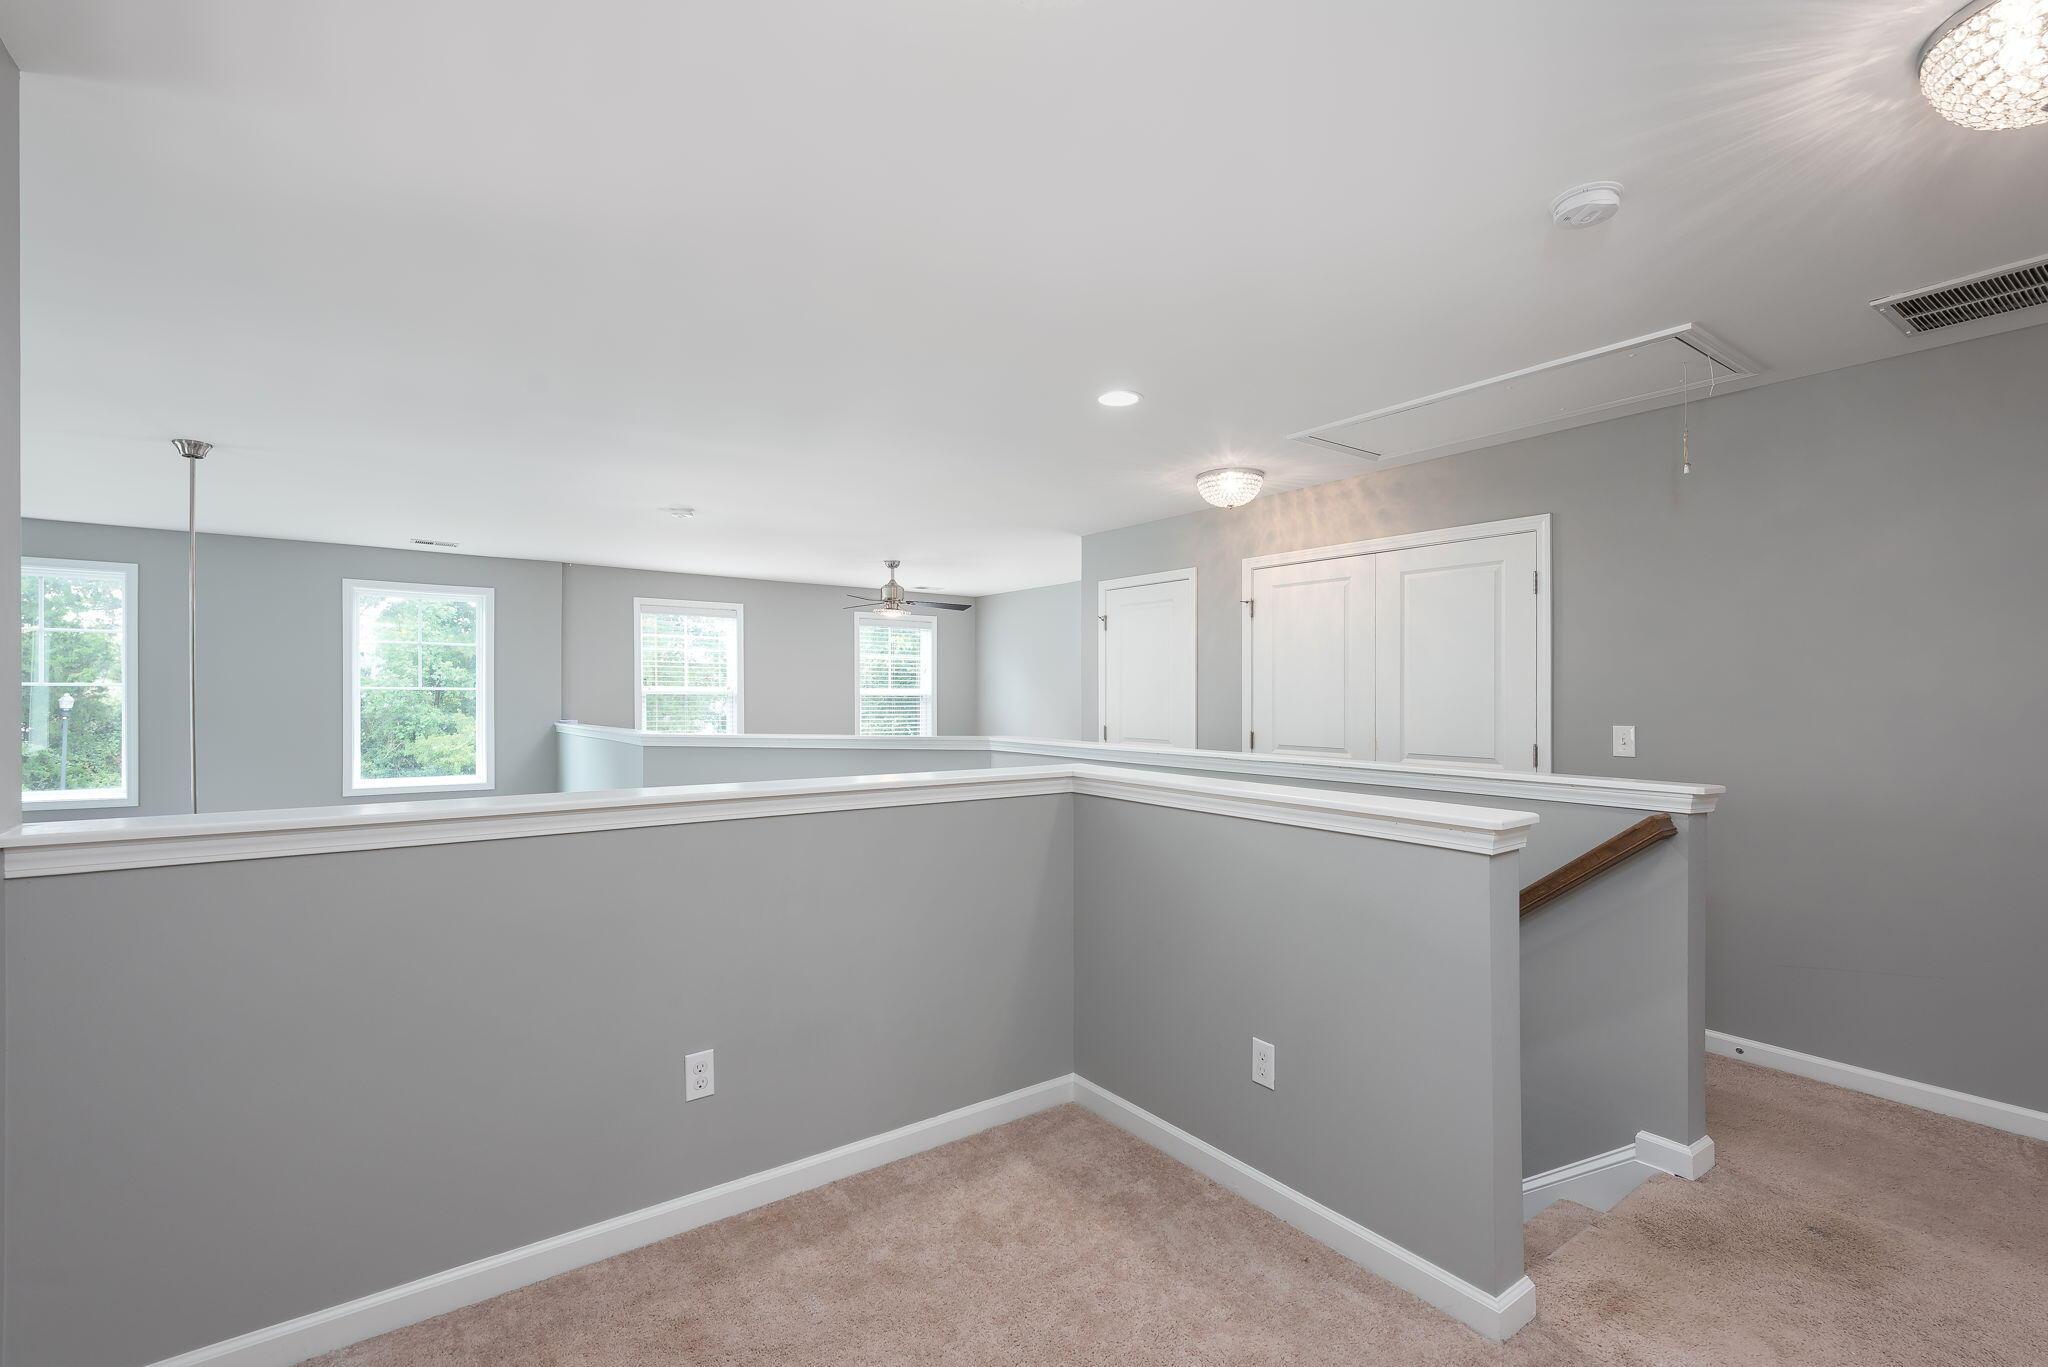 Park West Homes For Sale - 1656 Bridwell Lane, Mount Pleasant, SC - 4